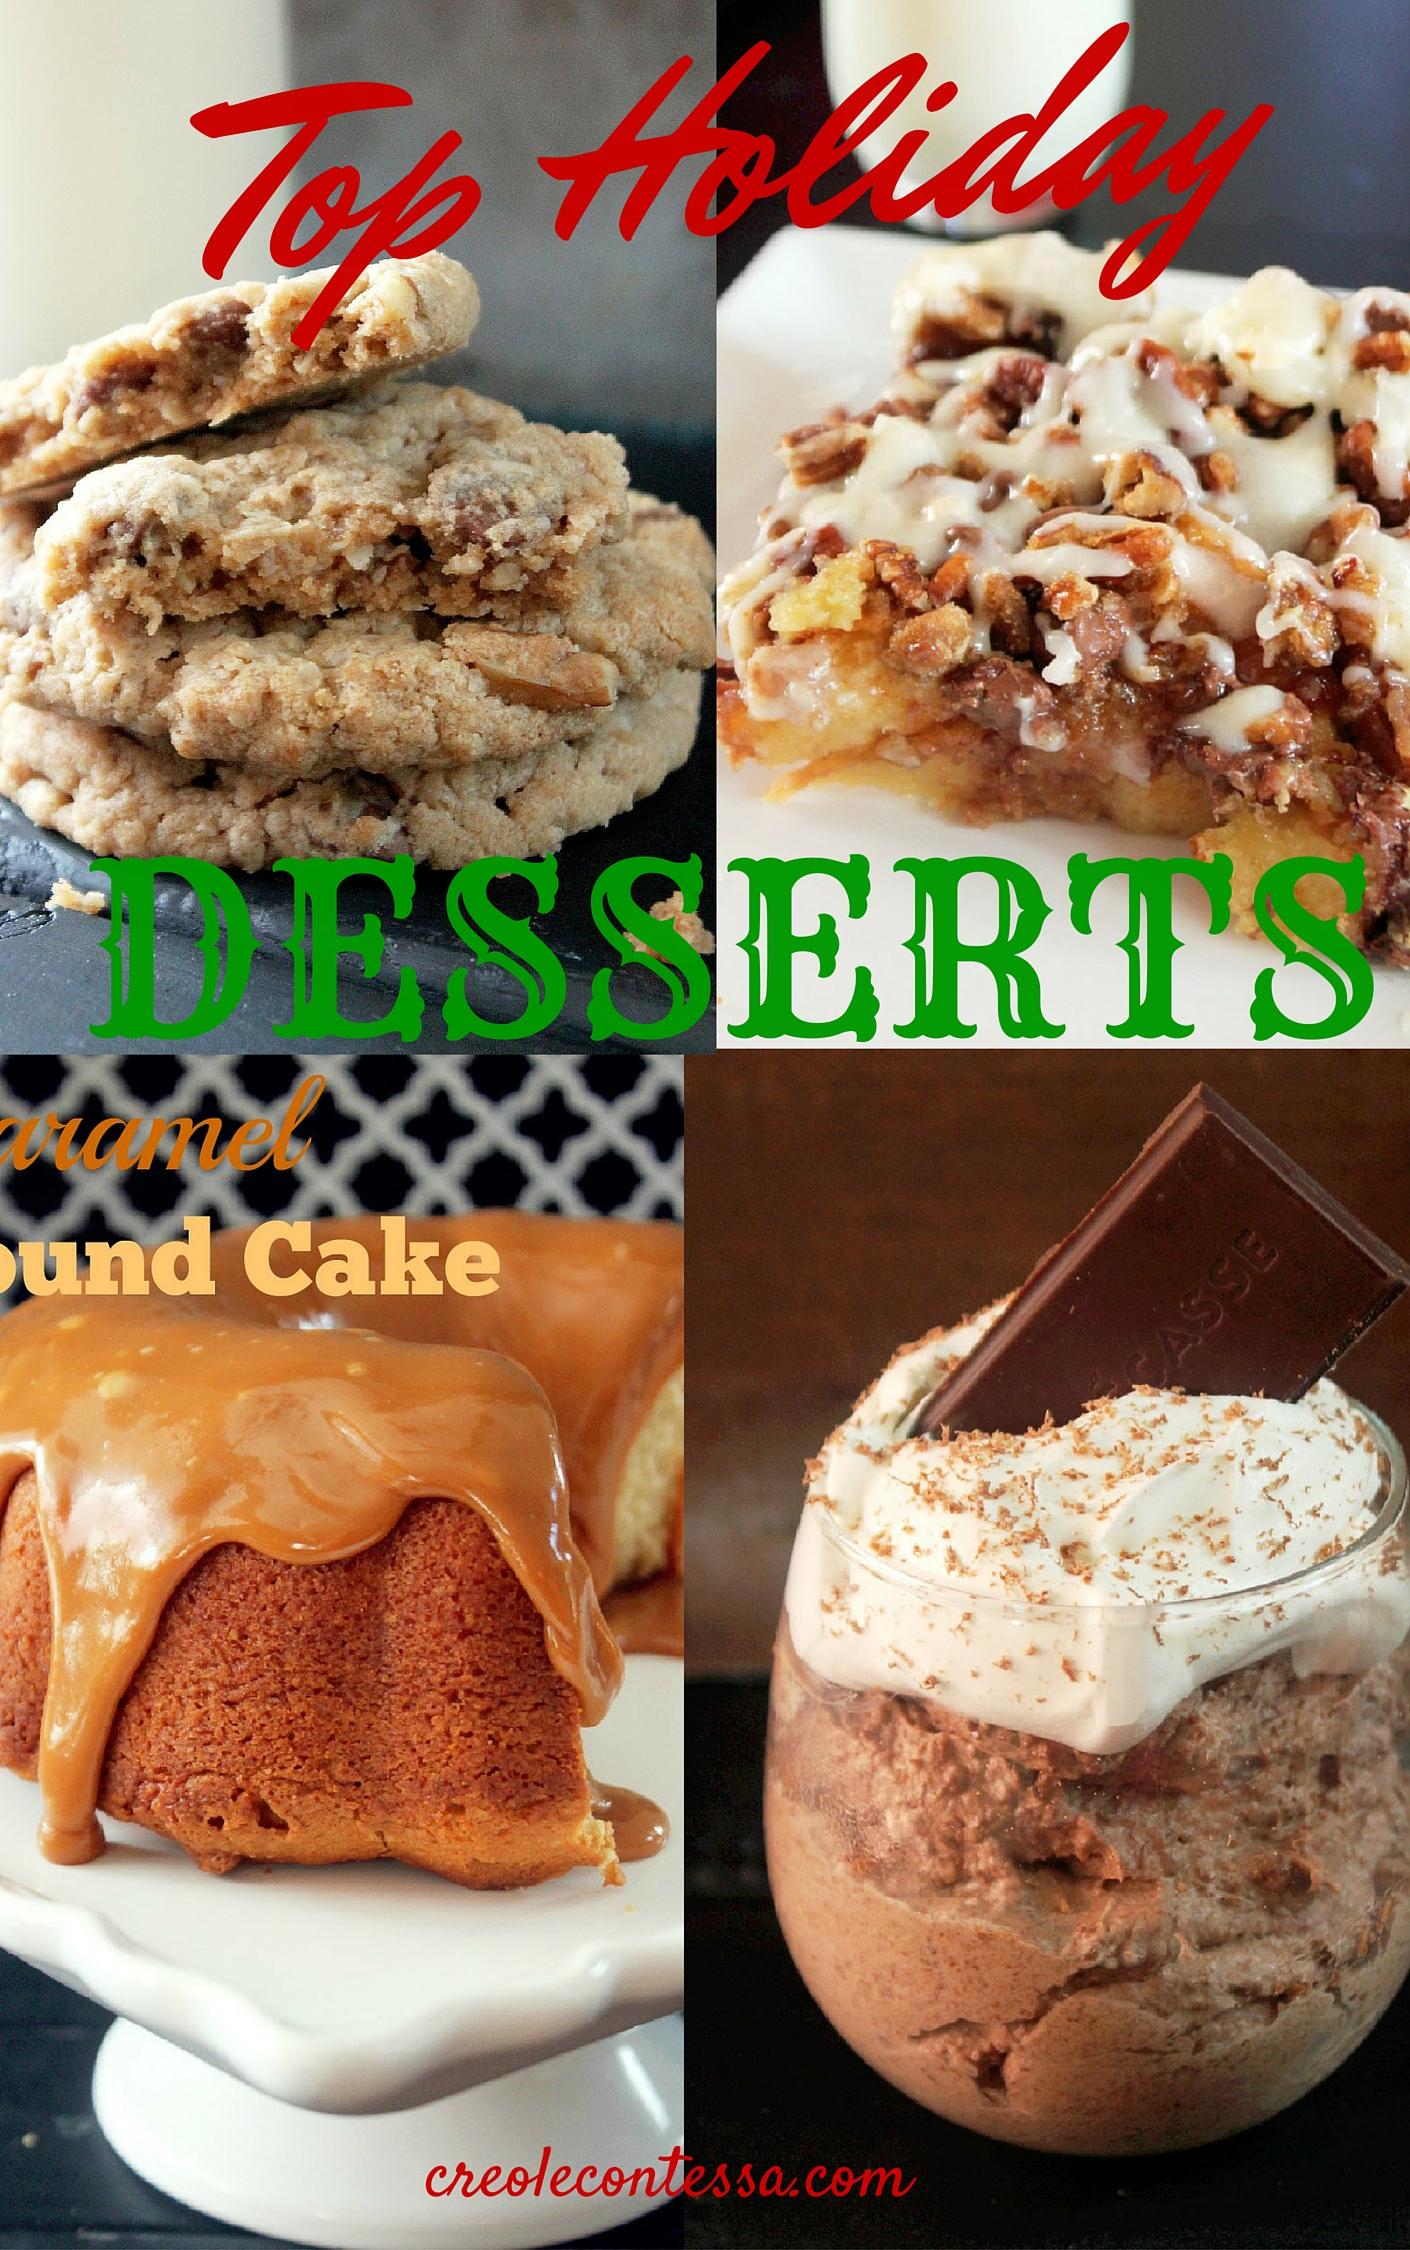 Holiday Desserts-Creole Contessa